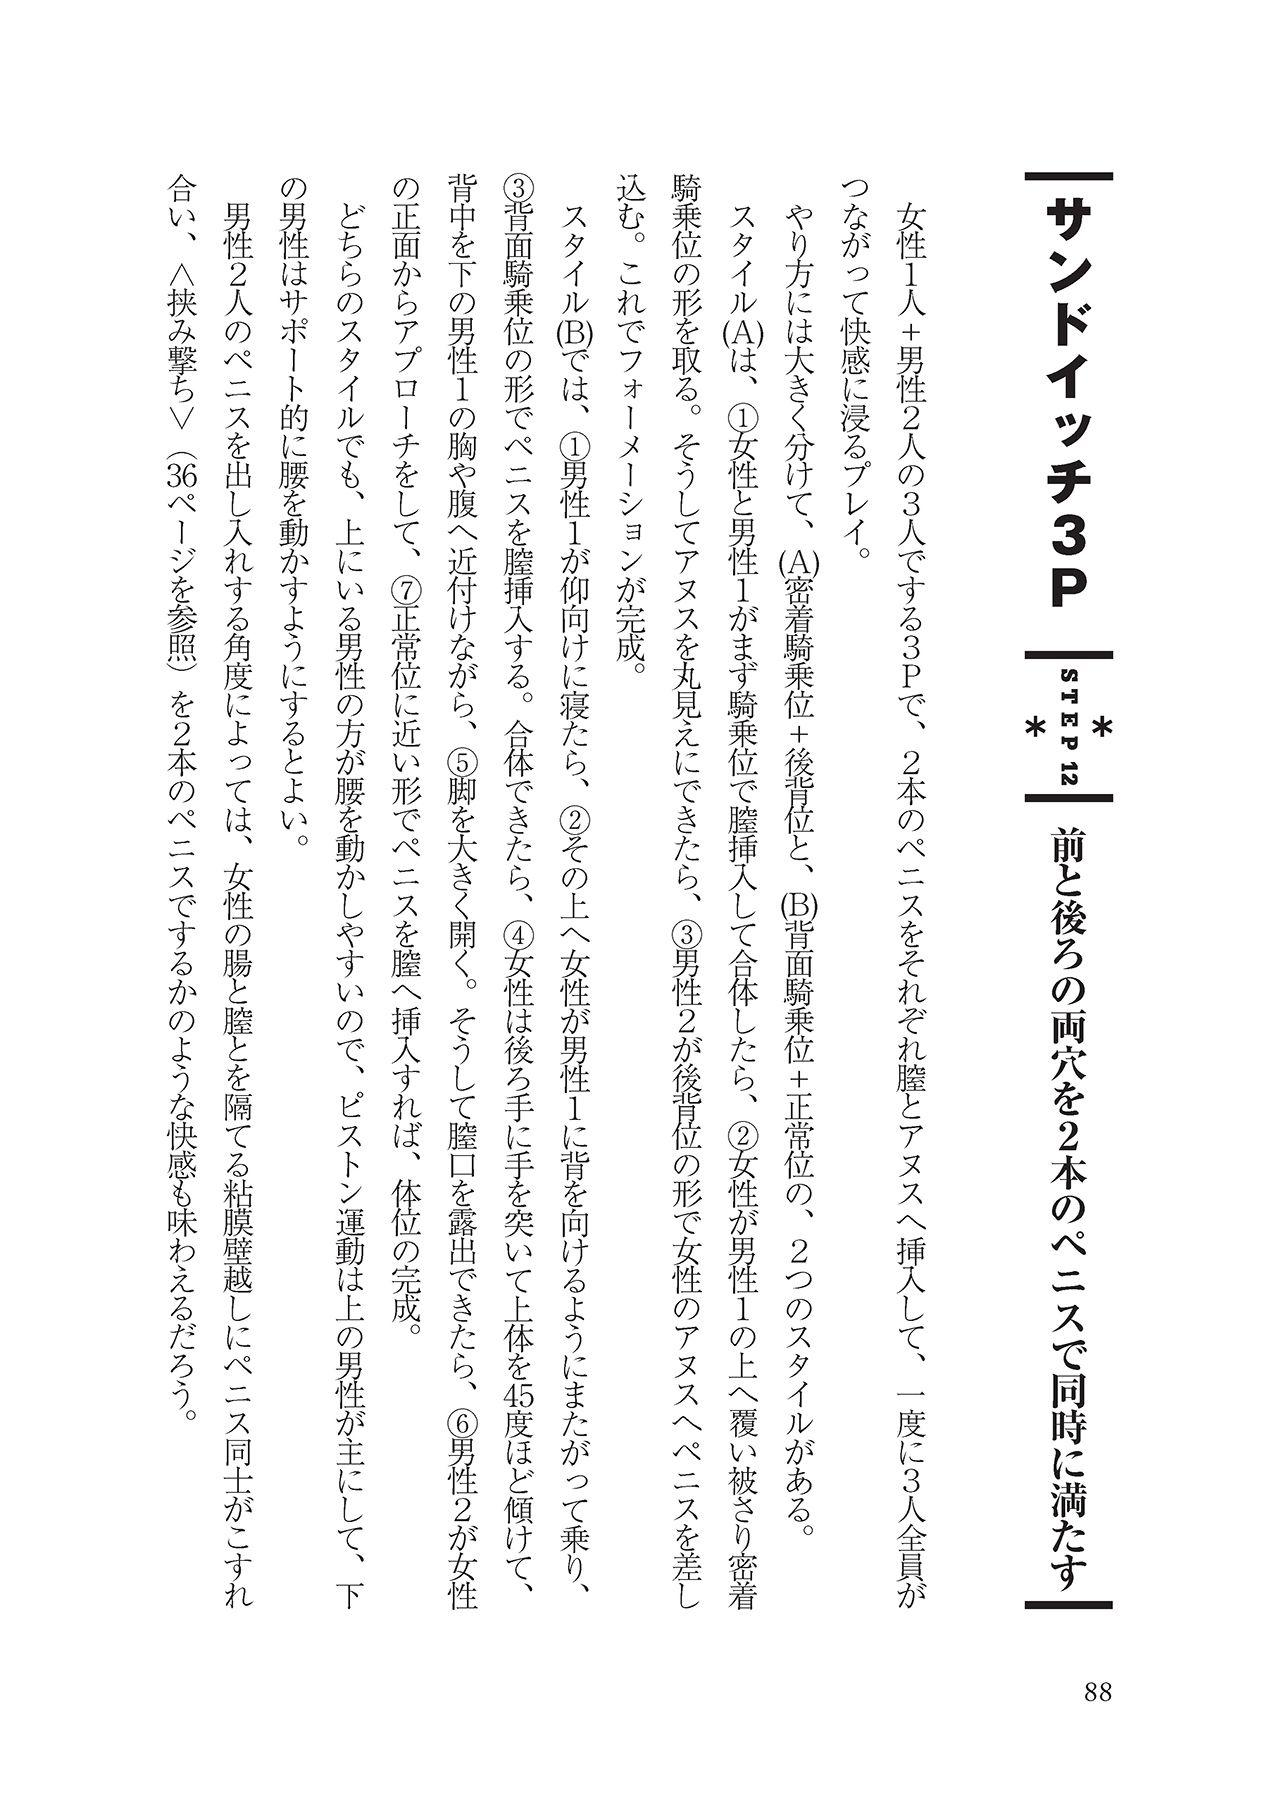 アナル性感開発・お尻エッチ 完全マニュアル 89